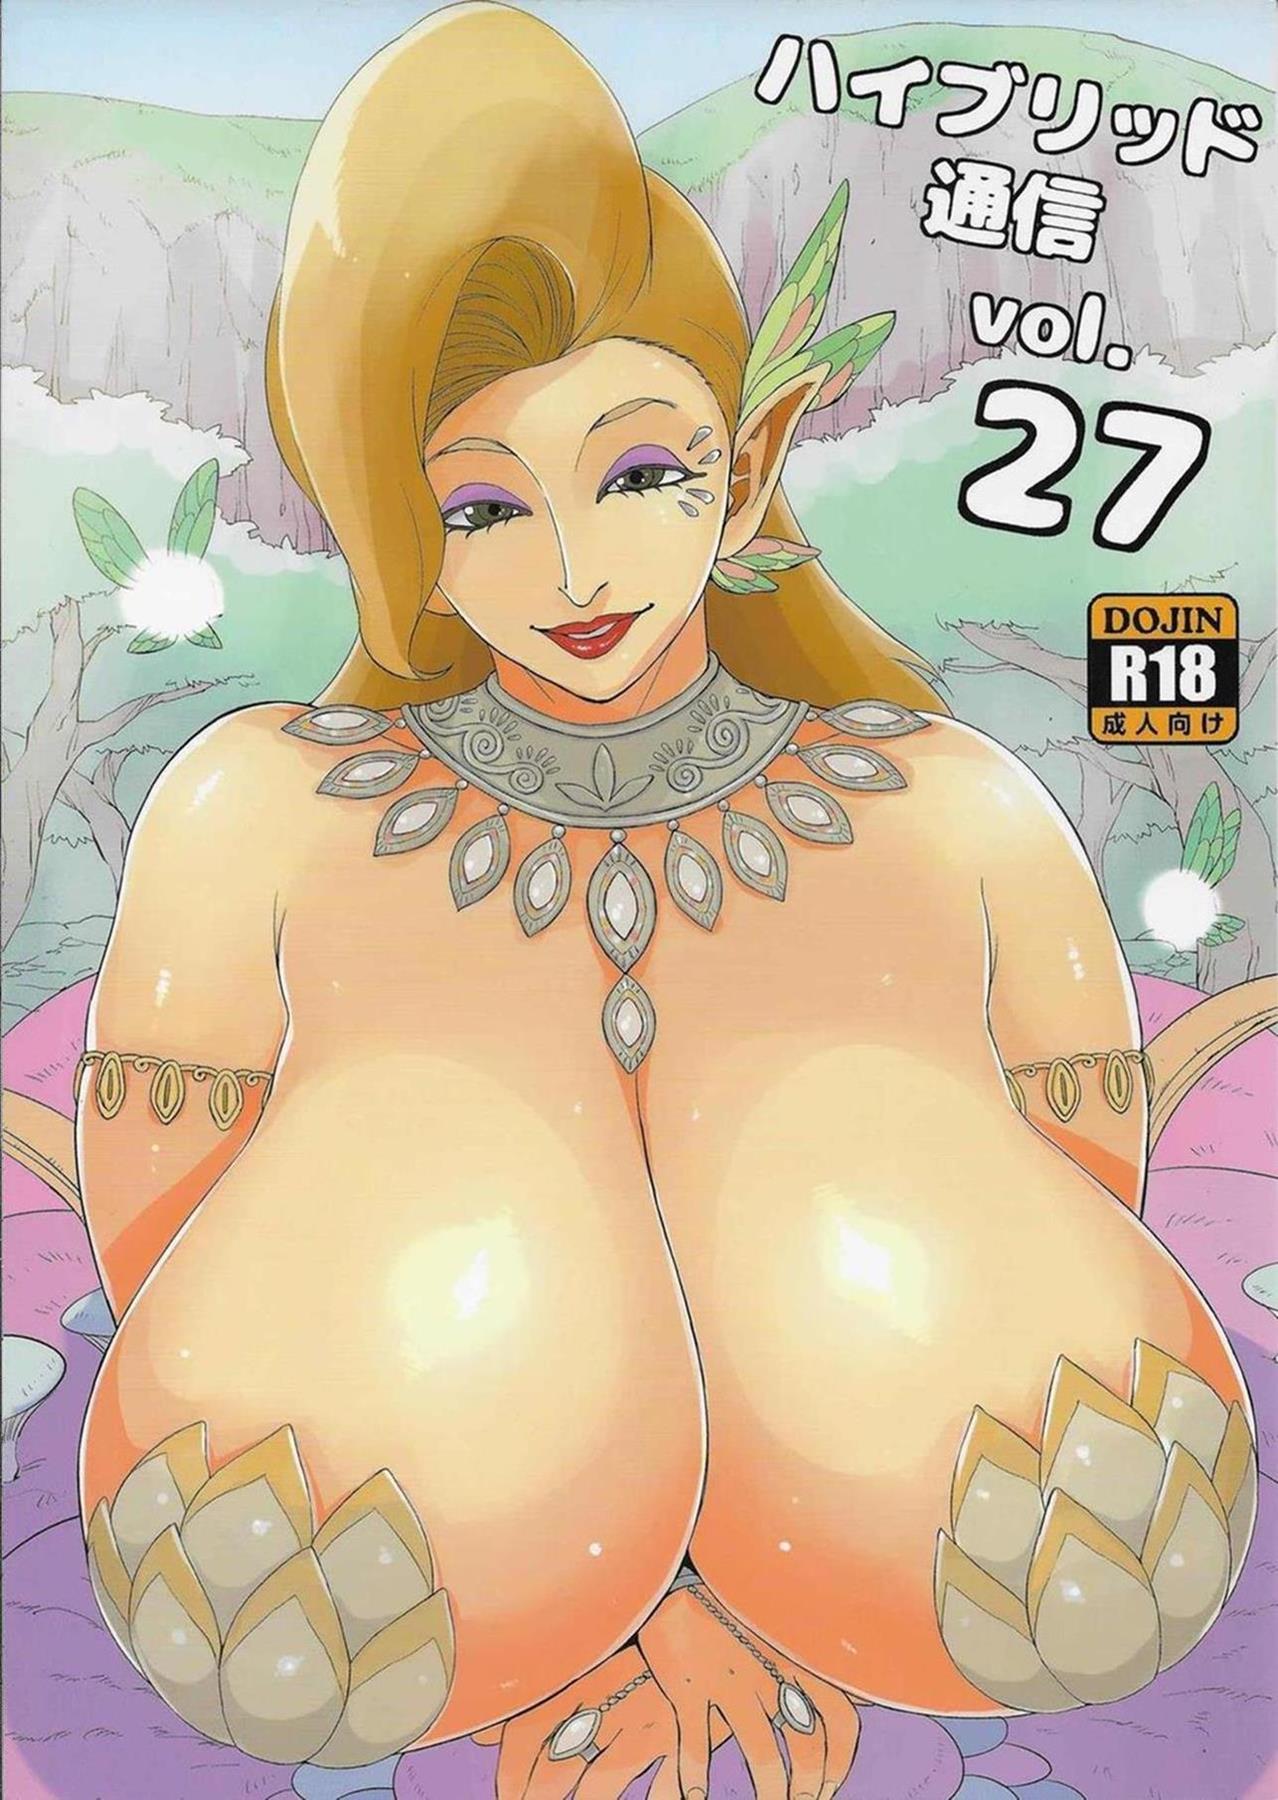 【ゼルダの伝説】リンクを想うと乳が噴き出す変態パーヤ、オナニーに狂うミファー、大きなオッパイでリンクを弄ぶクチューラ【エロ漫画・エロ同人】